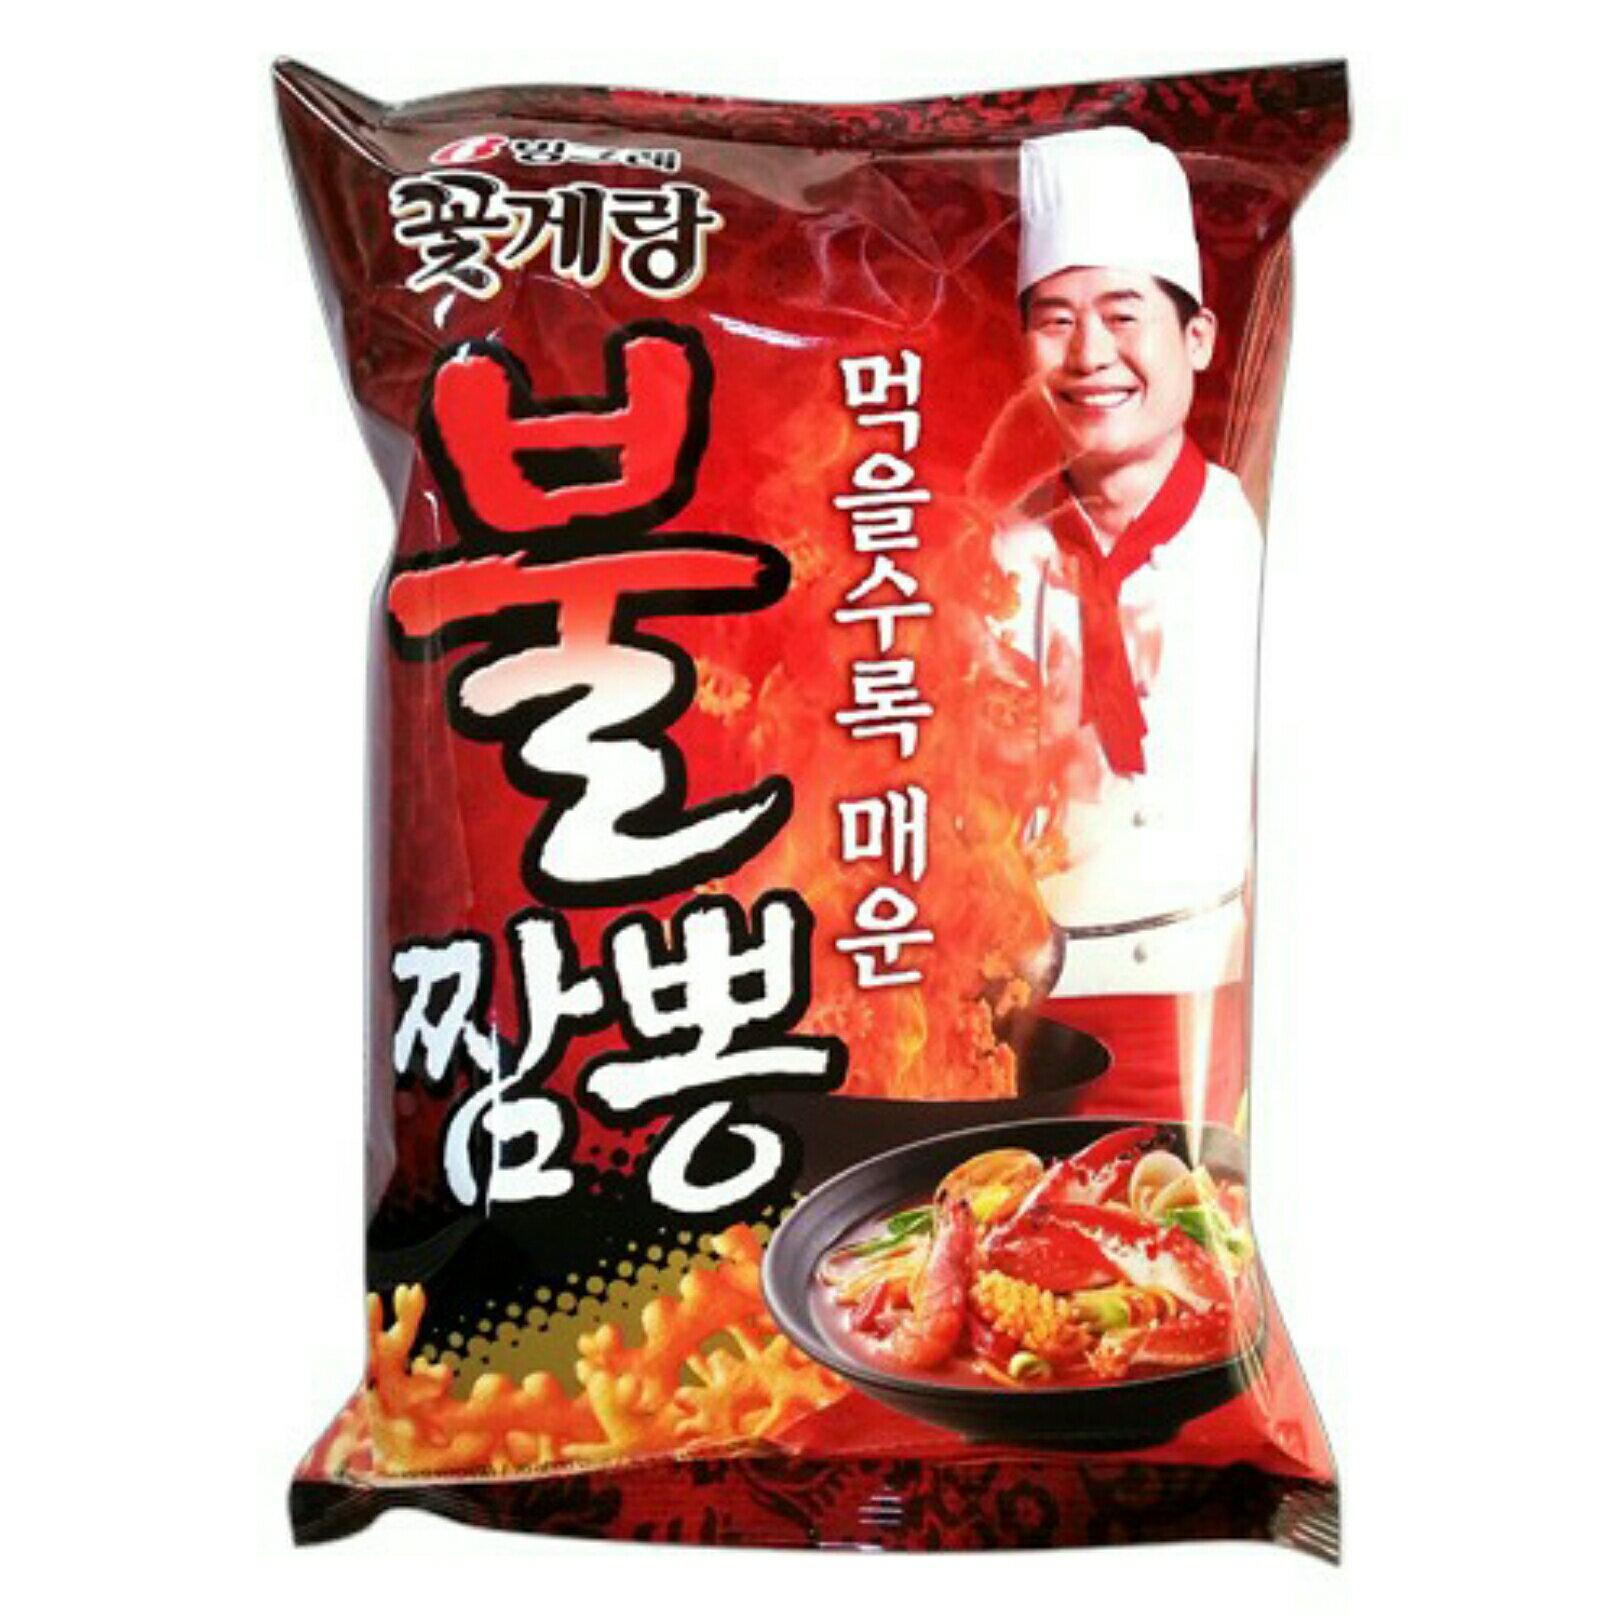 有樂町進口食品 韓國版阿基師推薦 李連福螃蟹炒碼麵餅乾 70g 8801111919609 2